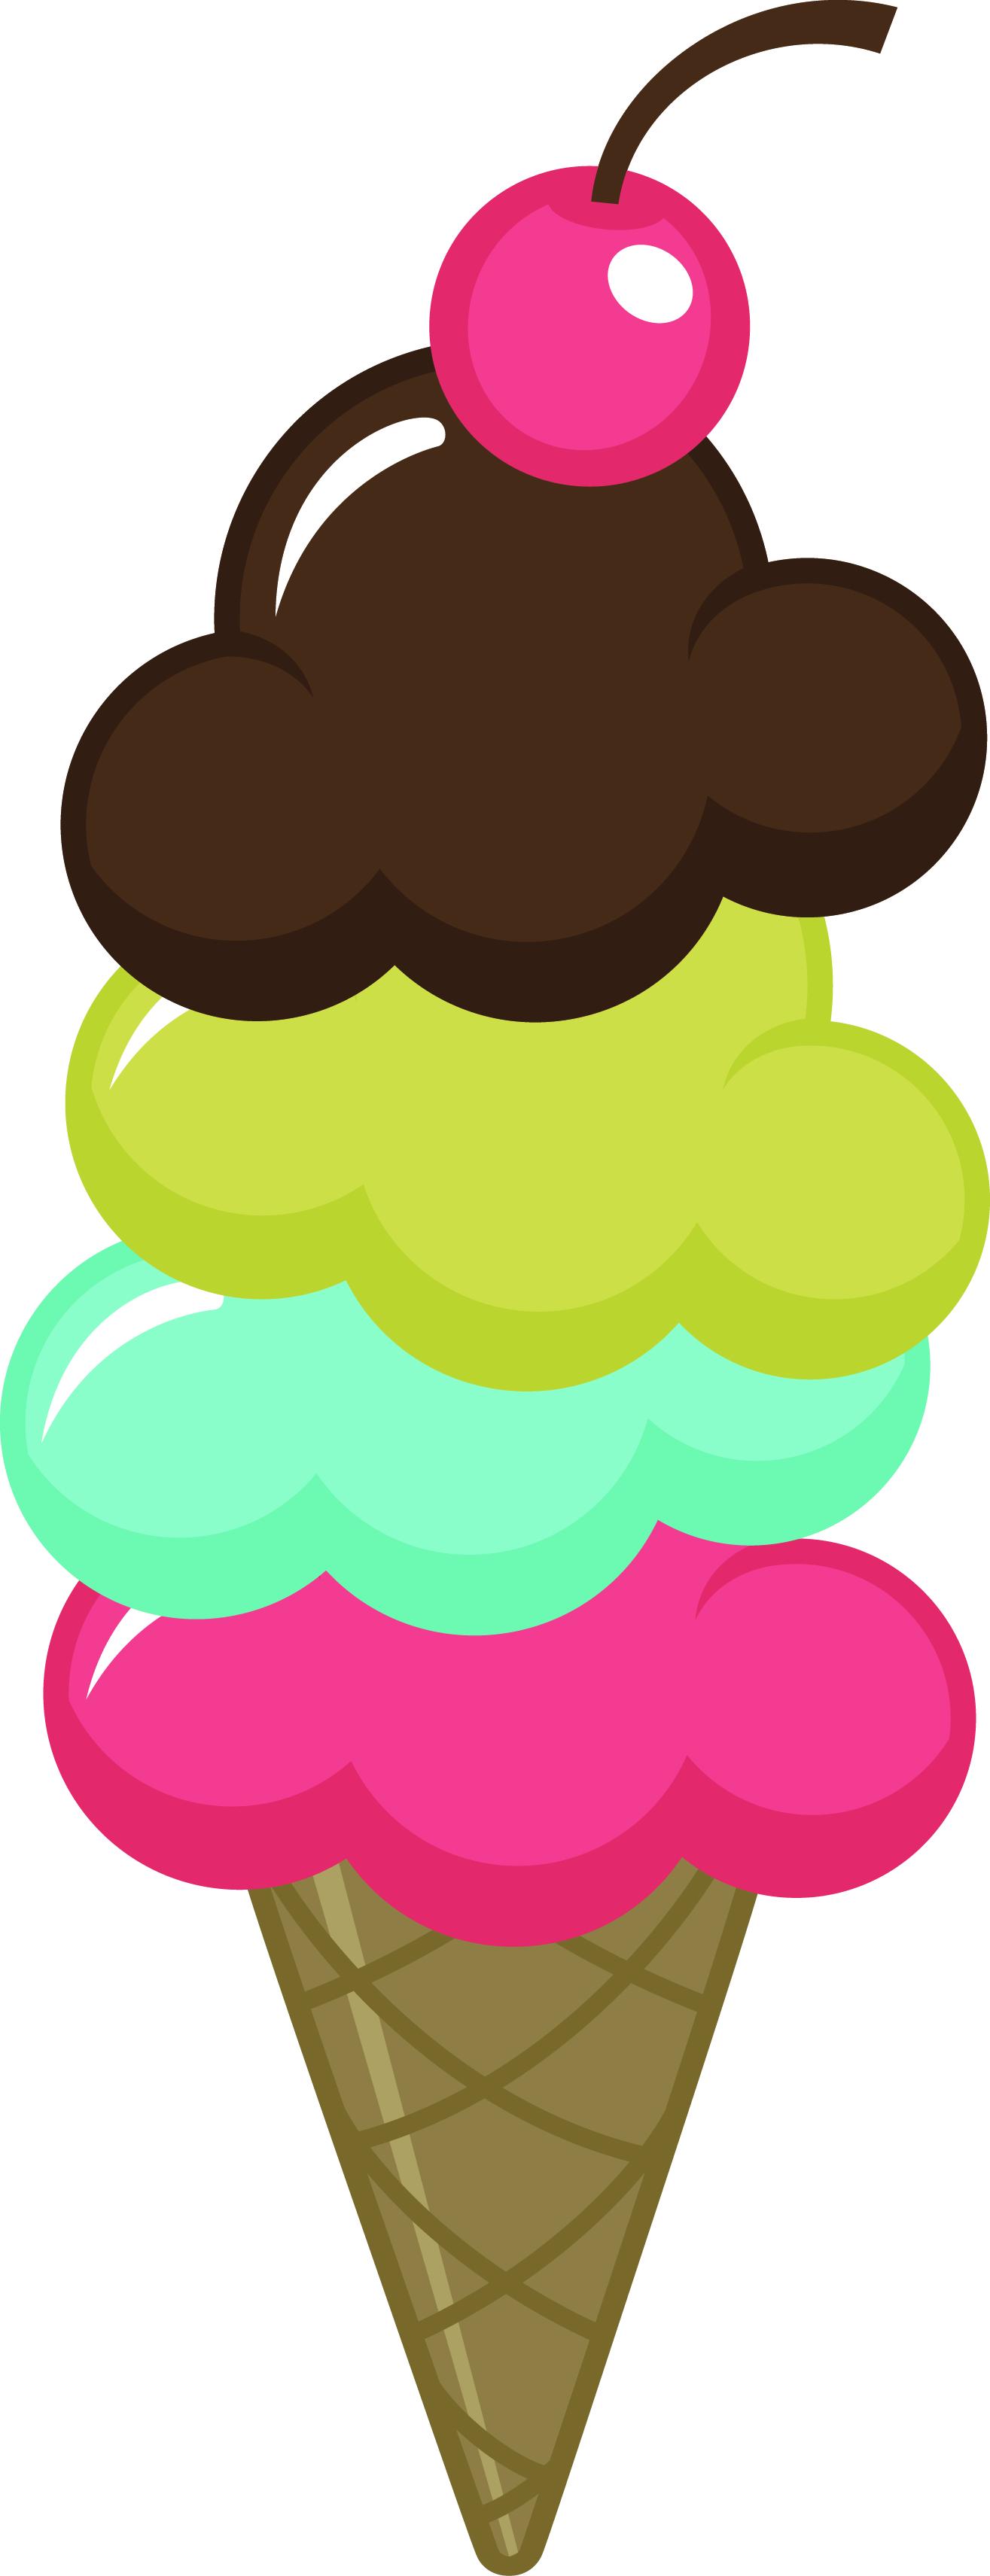 1315x3423 Ice Cream Cone Clip Art 6